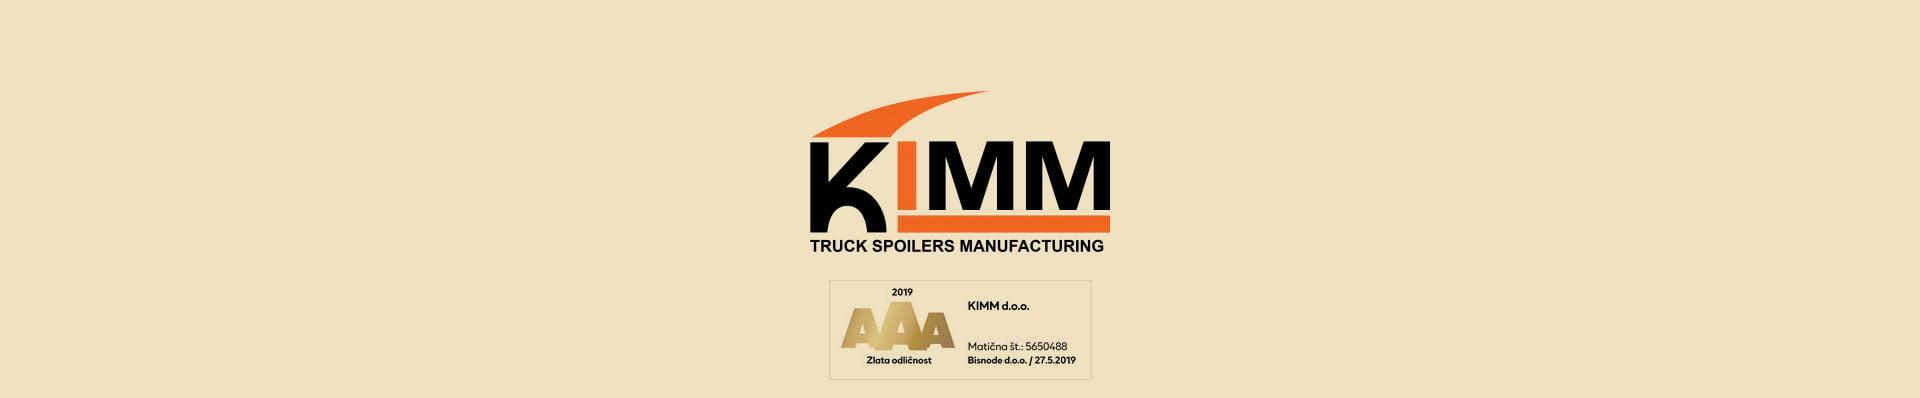 KIMM-izdelava-kamionskih-spojlerjev-banner-1